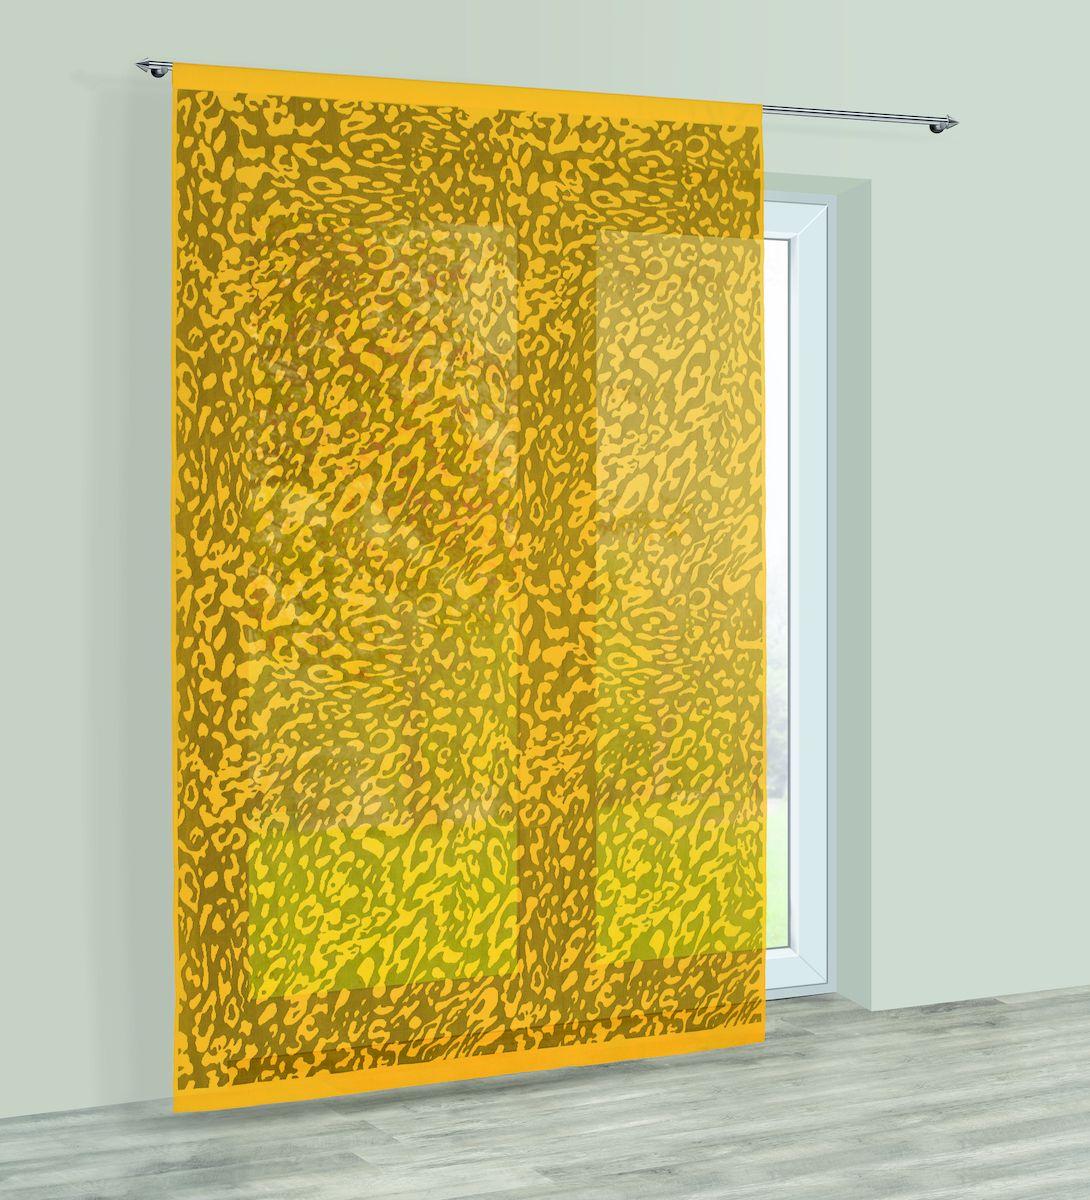 Гардина Haft, на кулиске, цвет: желтый, высота 250 см. 228540228540/250 золотоГардина Haft великолепно украсит любое окно. Изделие выполнено из полиэстера и декорировано под окрас животного. Изделие имеет оригинальный дизайн и органично впишется в интерьер помещения. Гардина крепится на карниз при помощи кулиски.